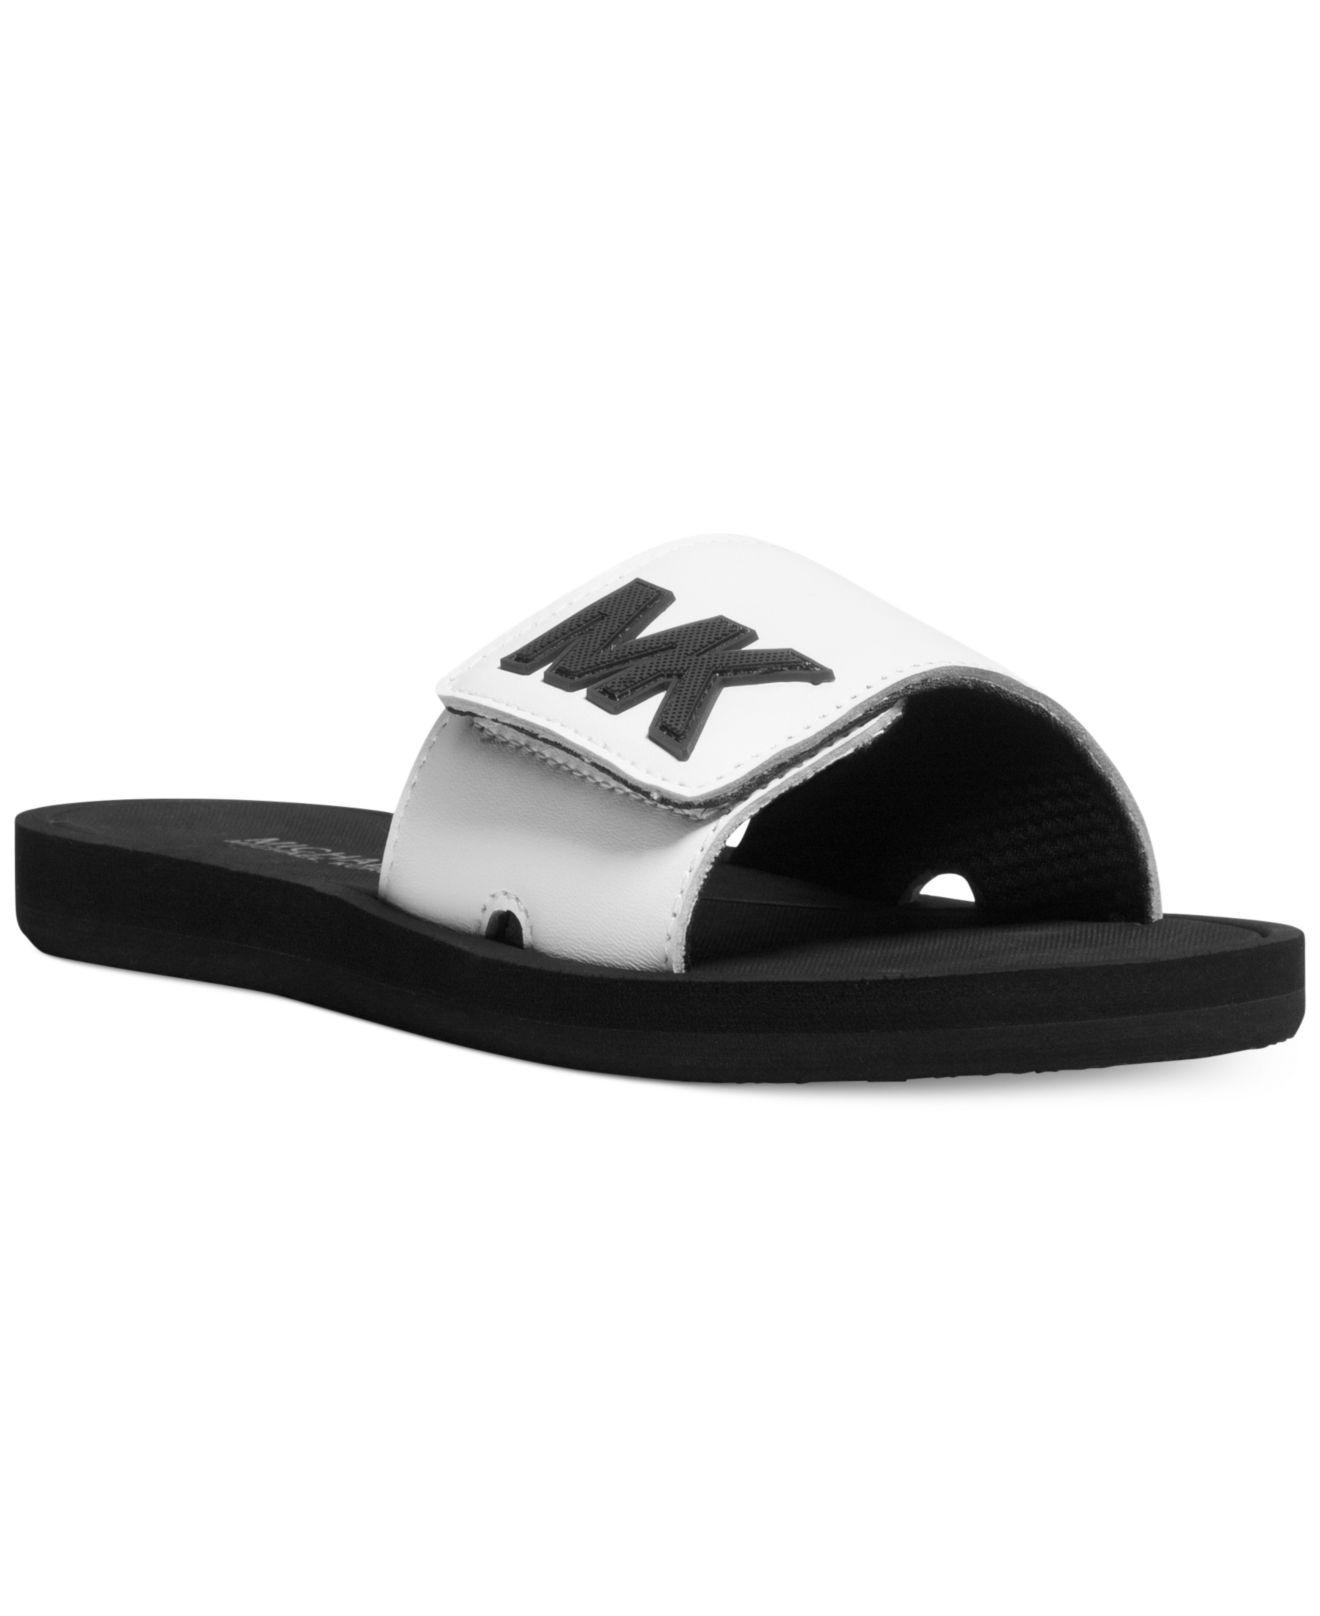 2d7aa9fe716c ... Lyst - Michael Kors Michael Mk Shower Slide Sandals in White ...